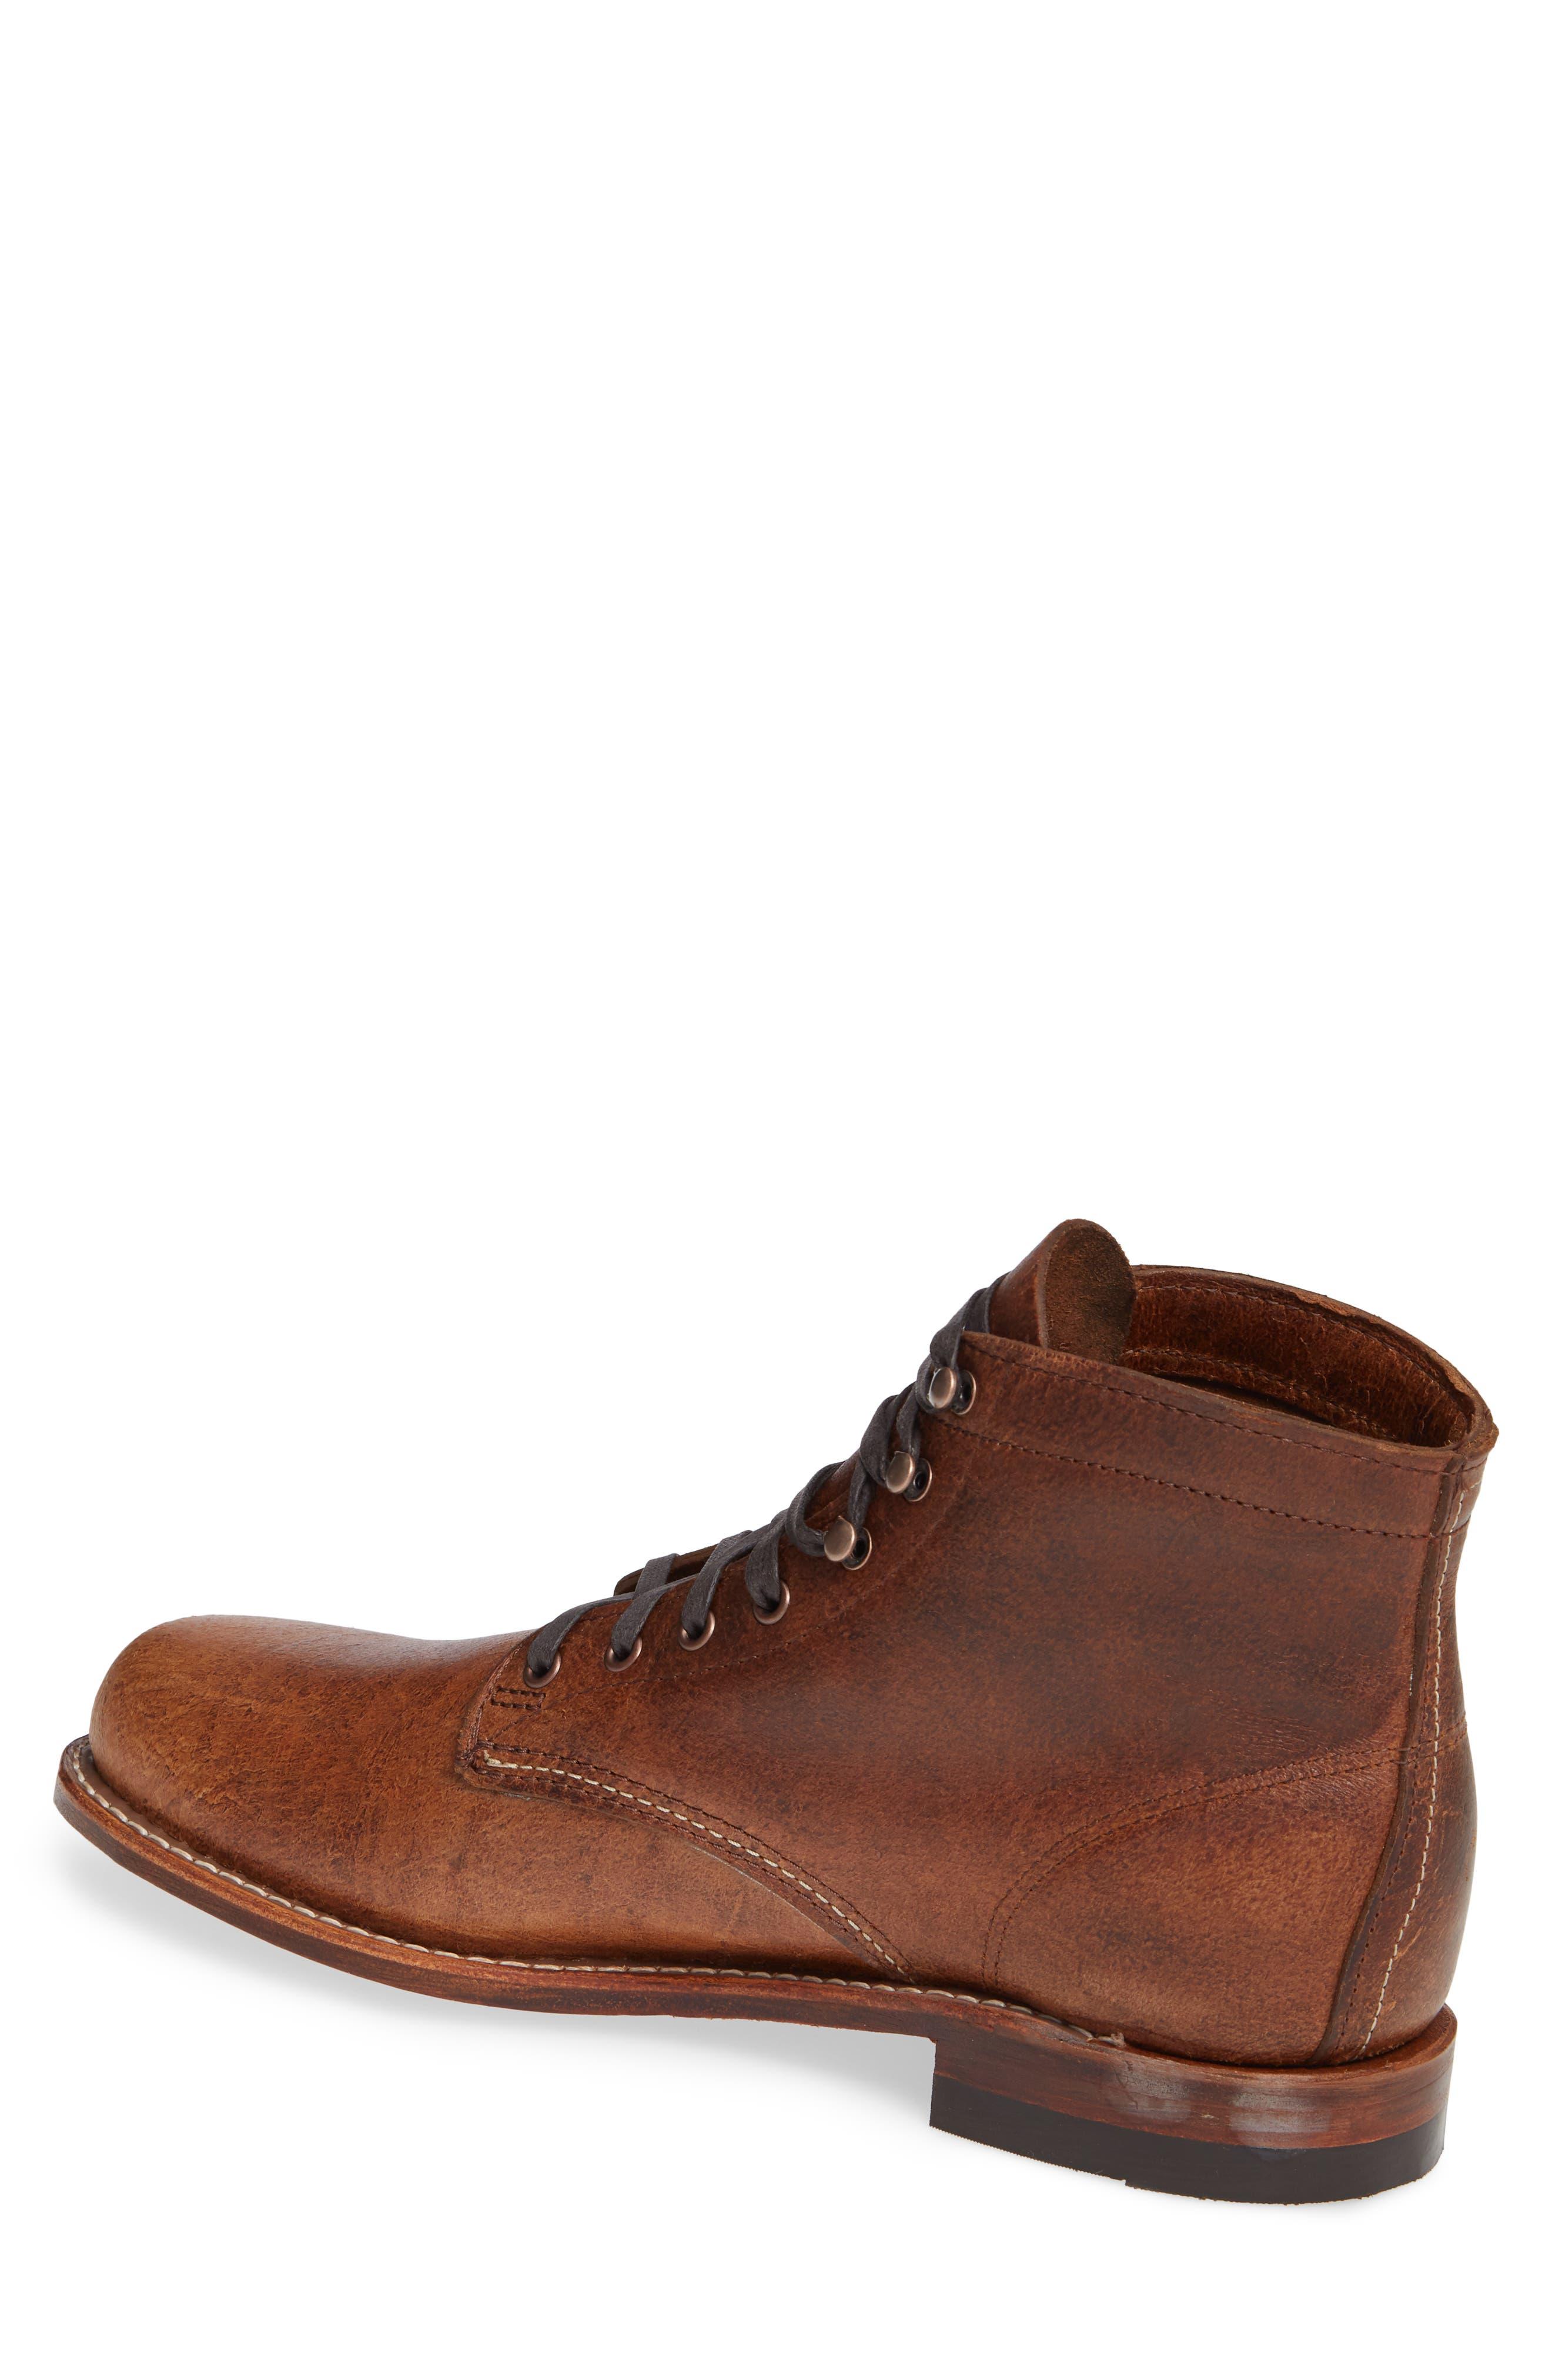 '1000 Mile' Plain Toe Boot,                             Alternate thumbnail 2, color,                             COGNAC